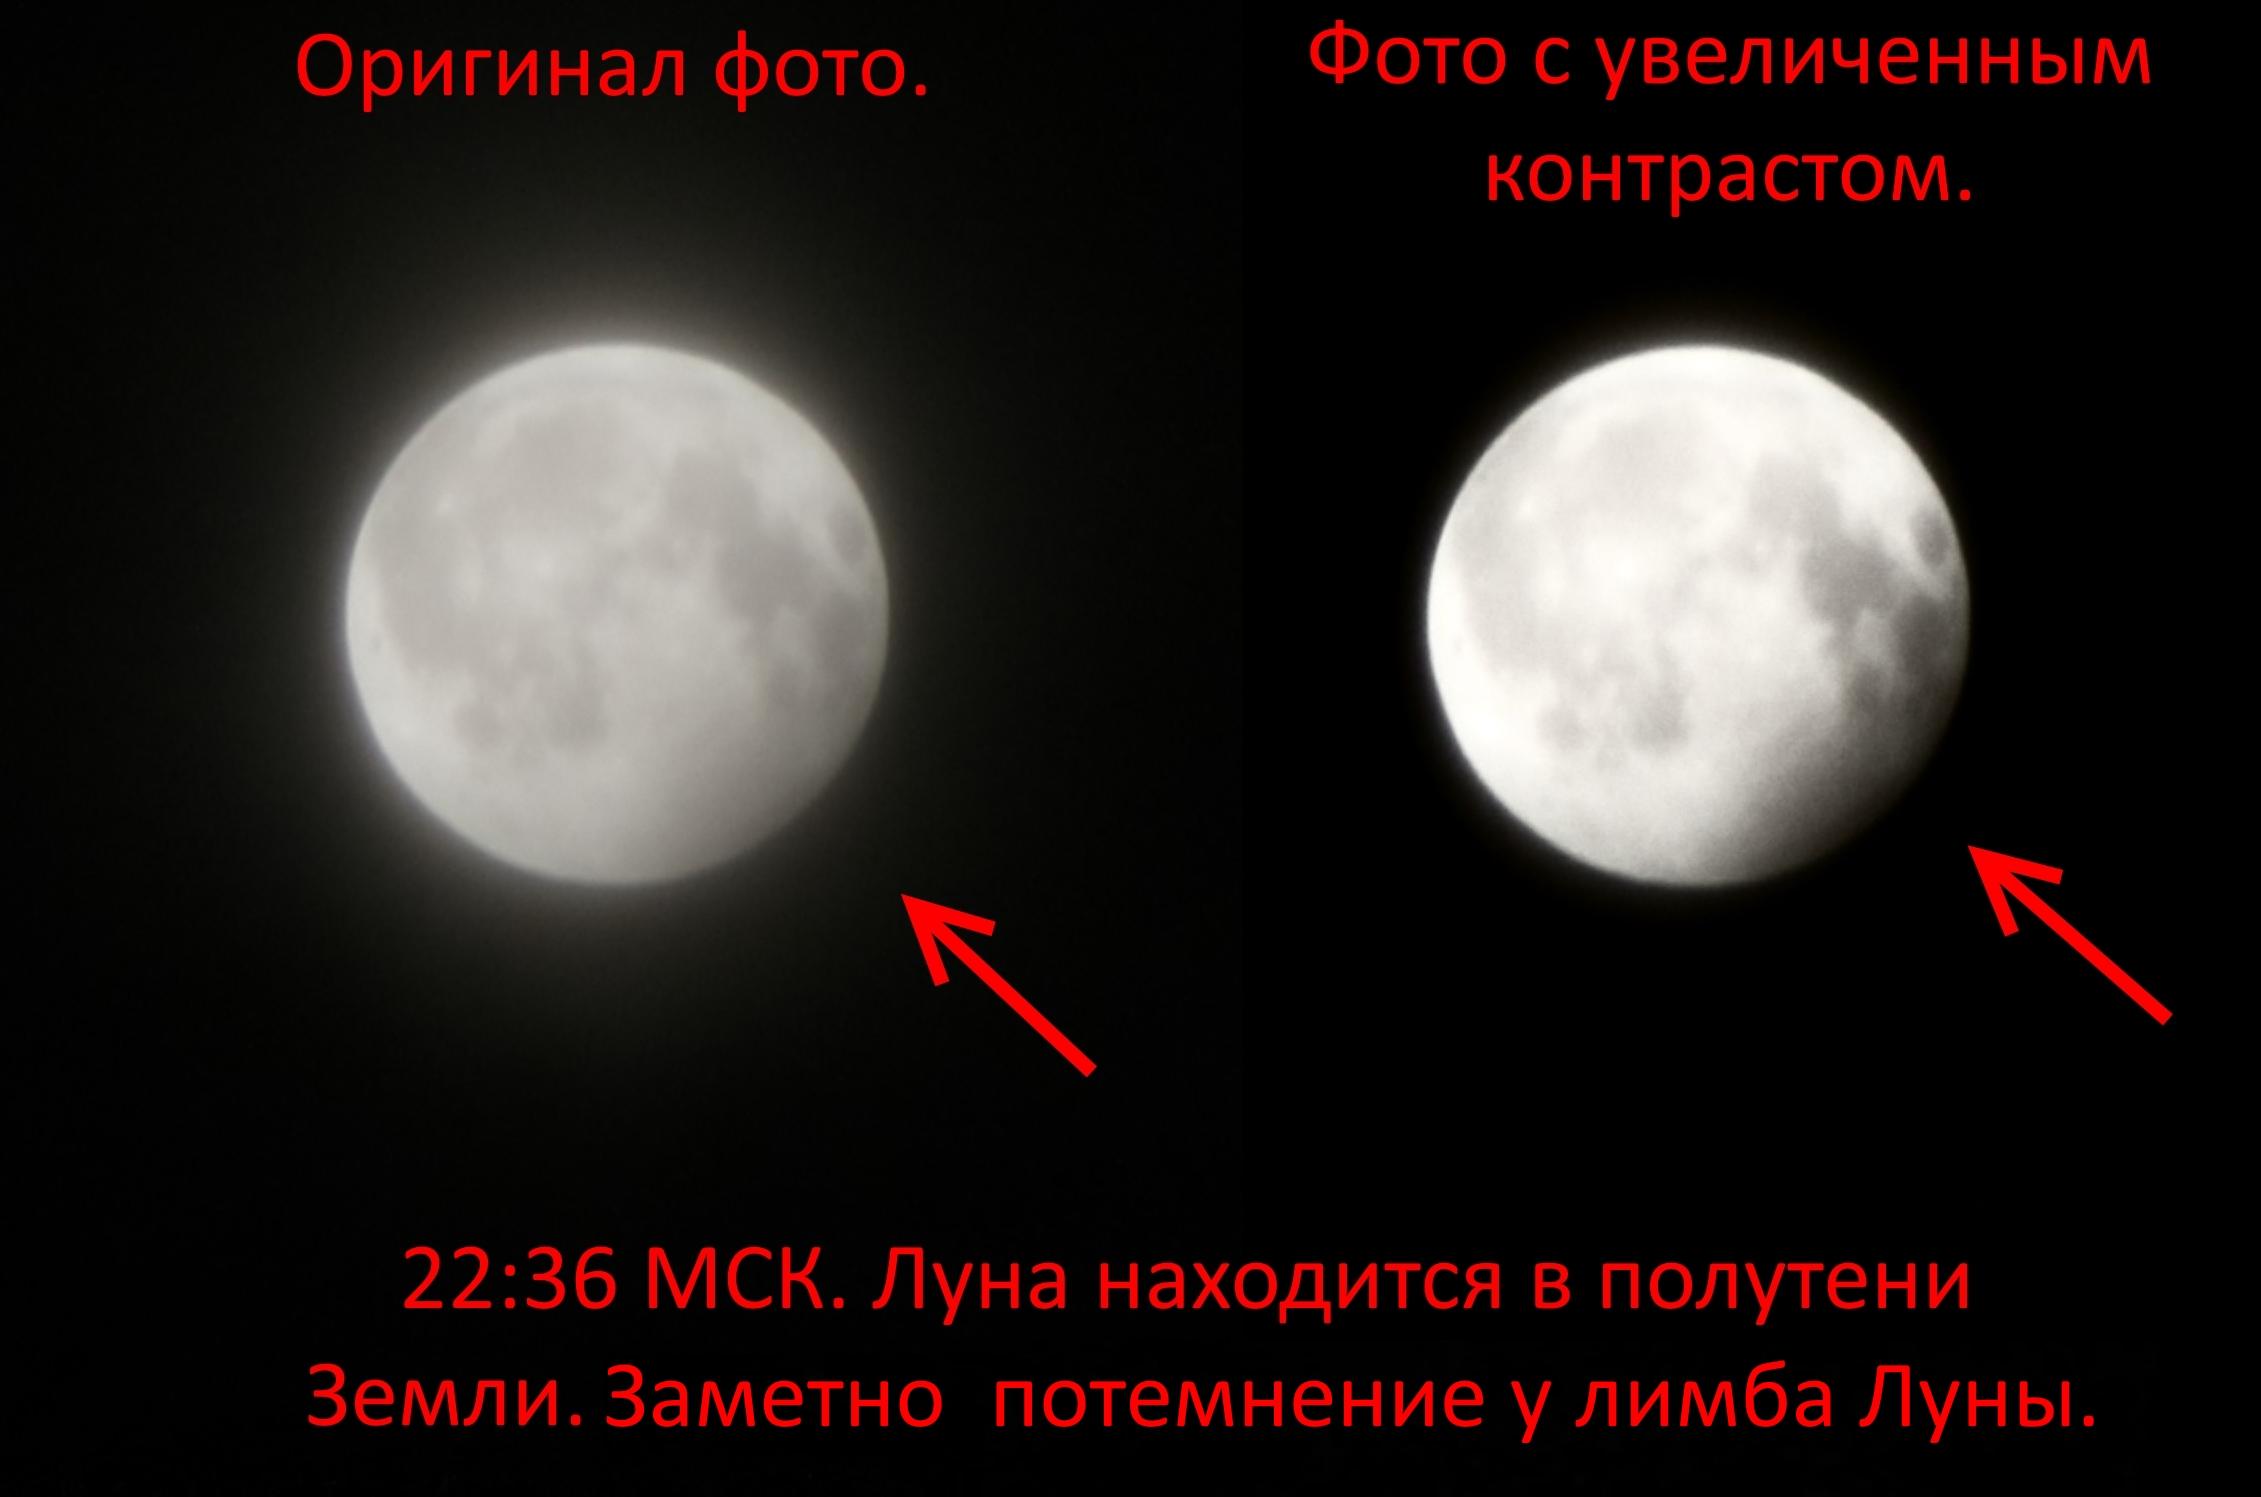 Полутеневая фаза лунного затмения в 22:36 Фото: предоставлено Филиппом